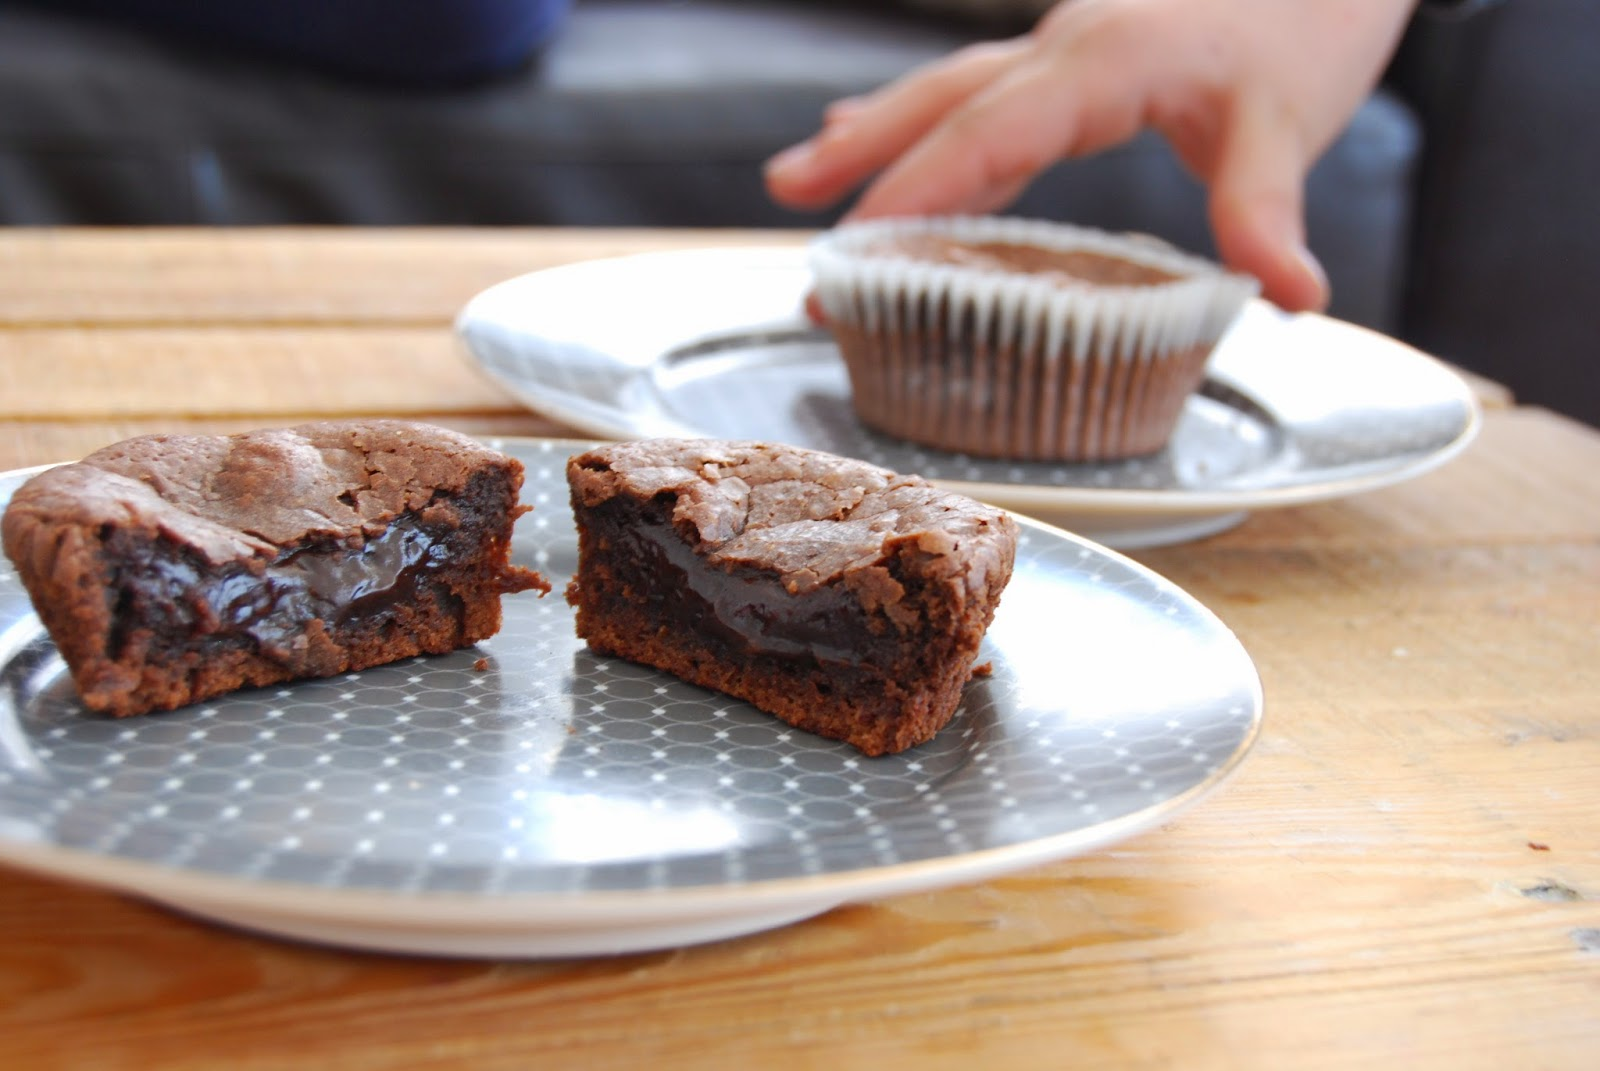 receta de coulant de chocolate con éxito asegurado